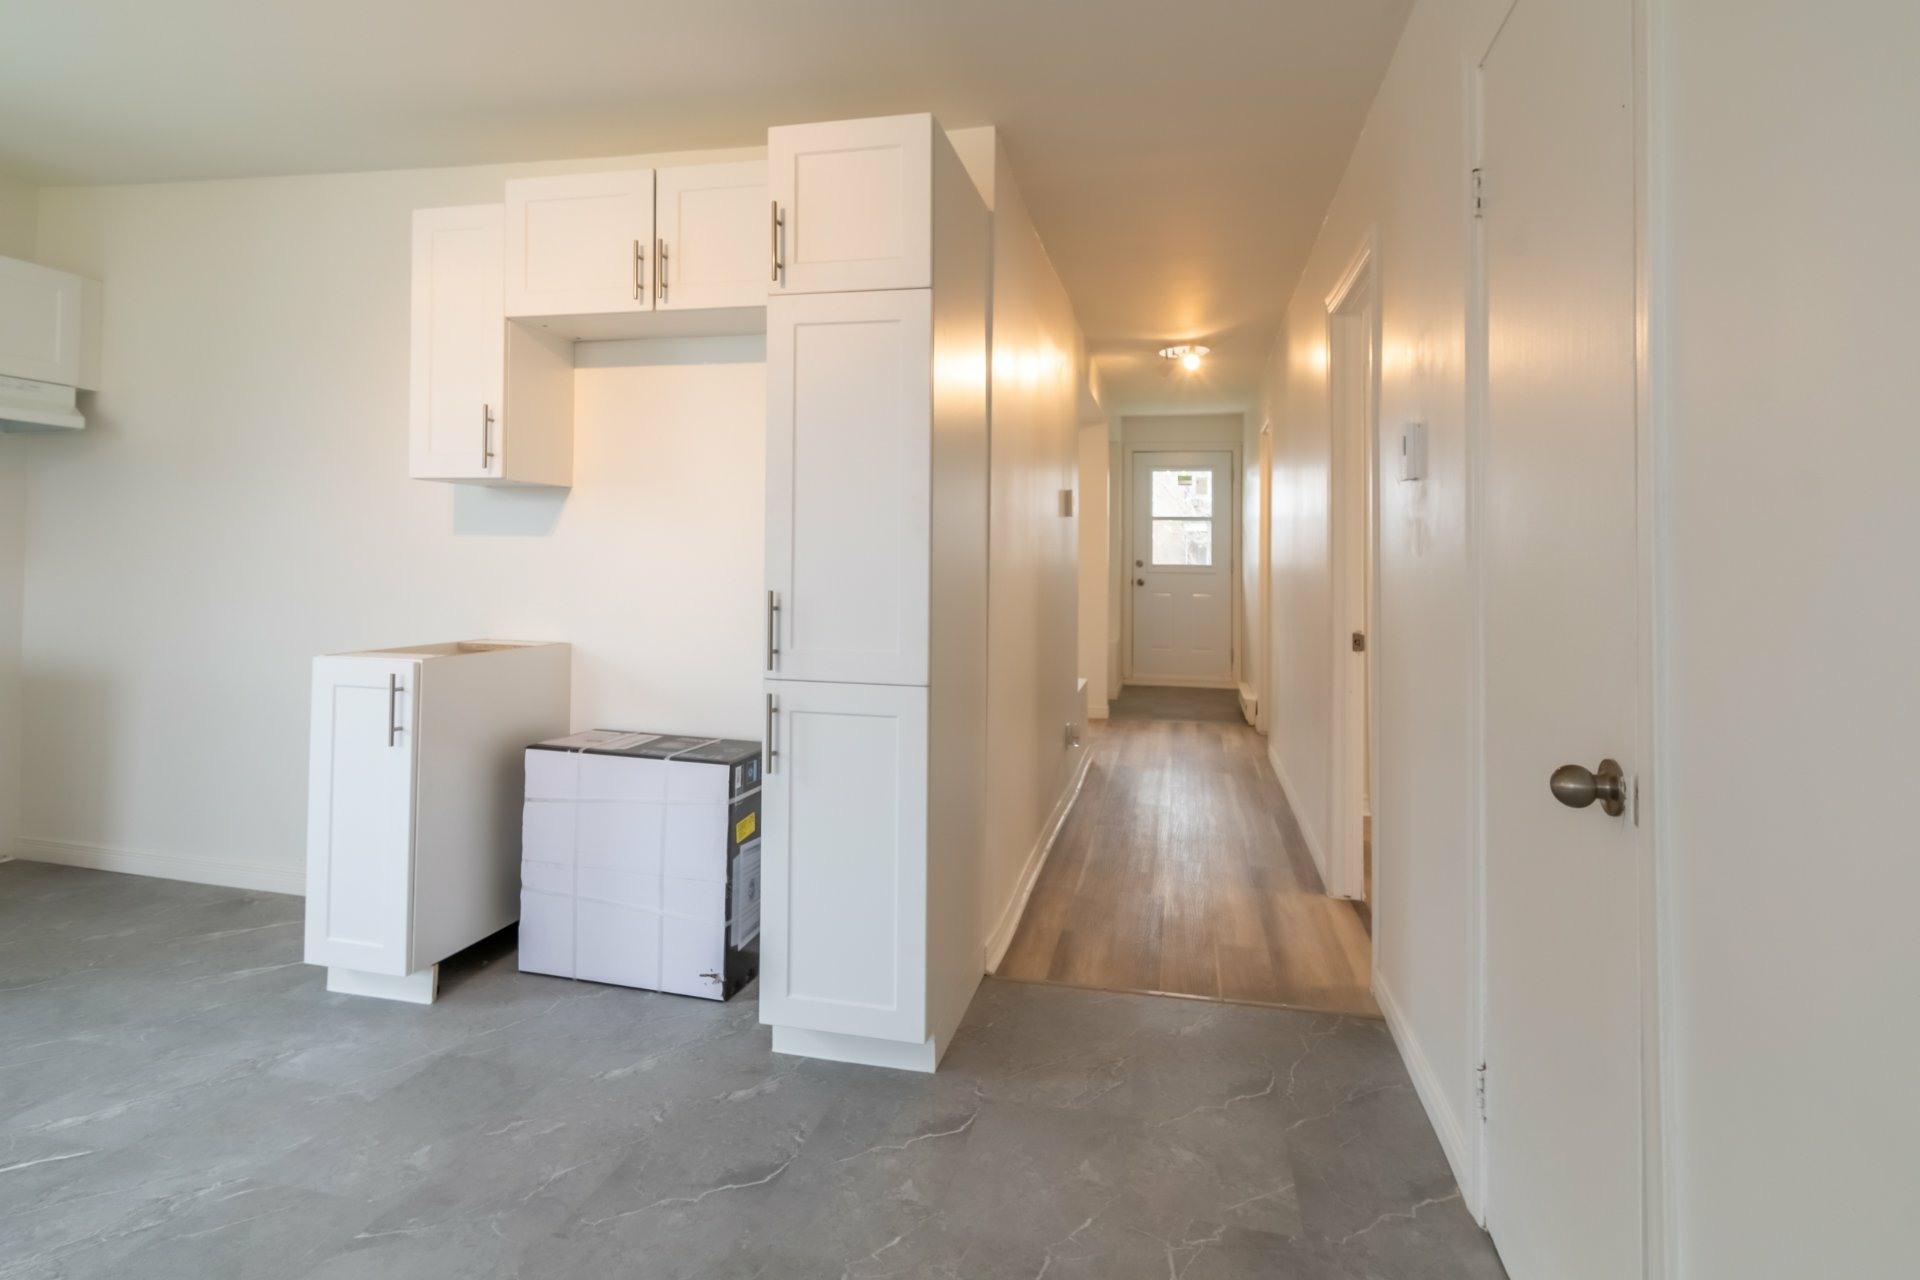 image 11 - Duplex For sale Trois-Rivières - 5 rooms